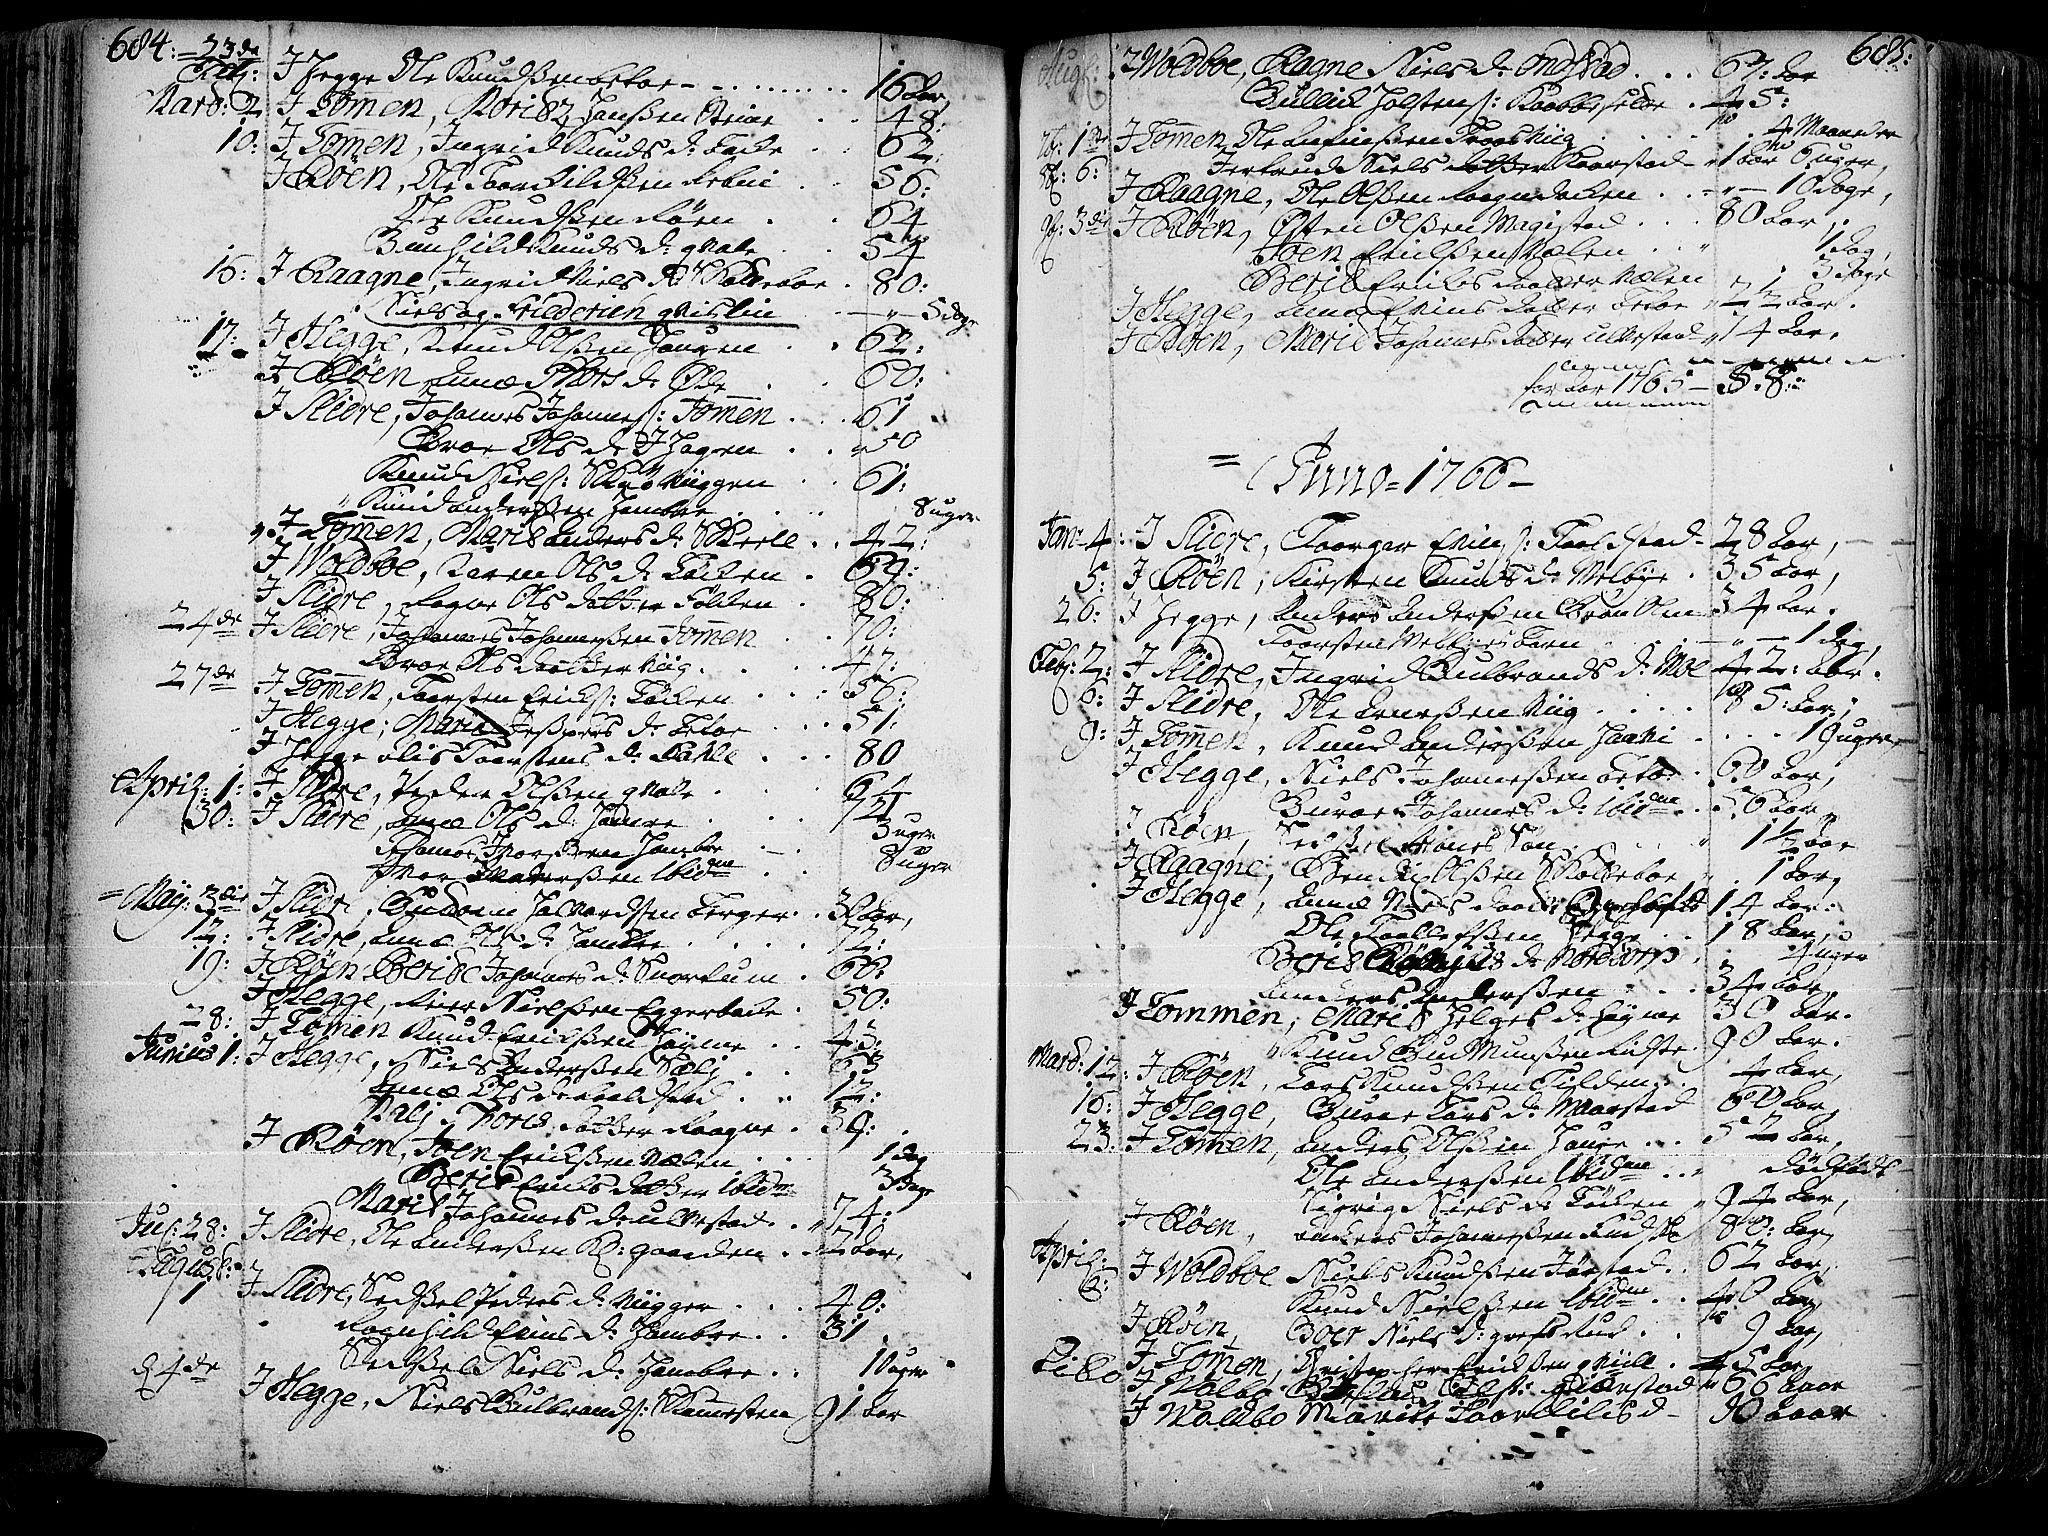 SAH, Slidre prestekontor, Ministerialbok nr. 1, 1724-1814, s. 684-685